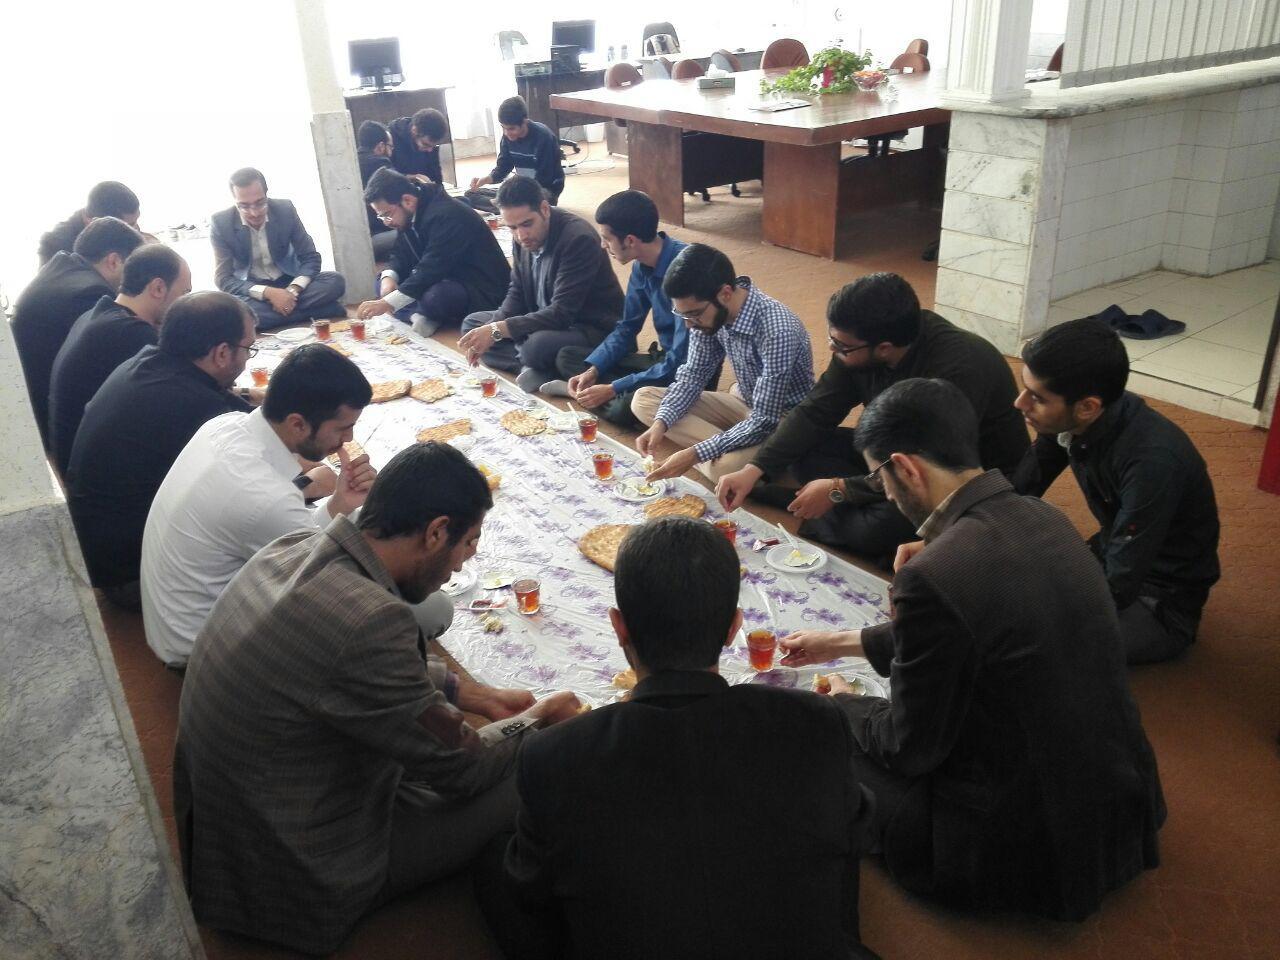 به گزارش روابط عمومی دفتر استانی سراج